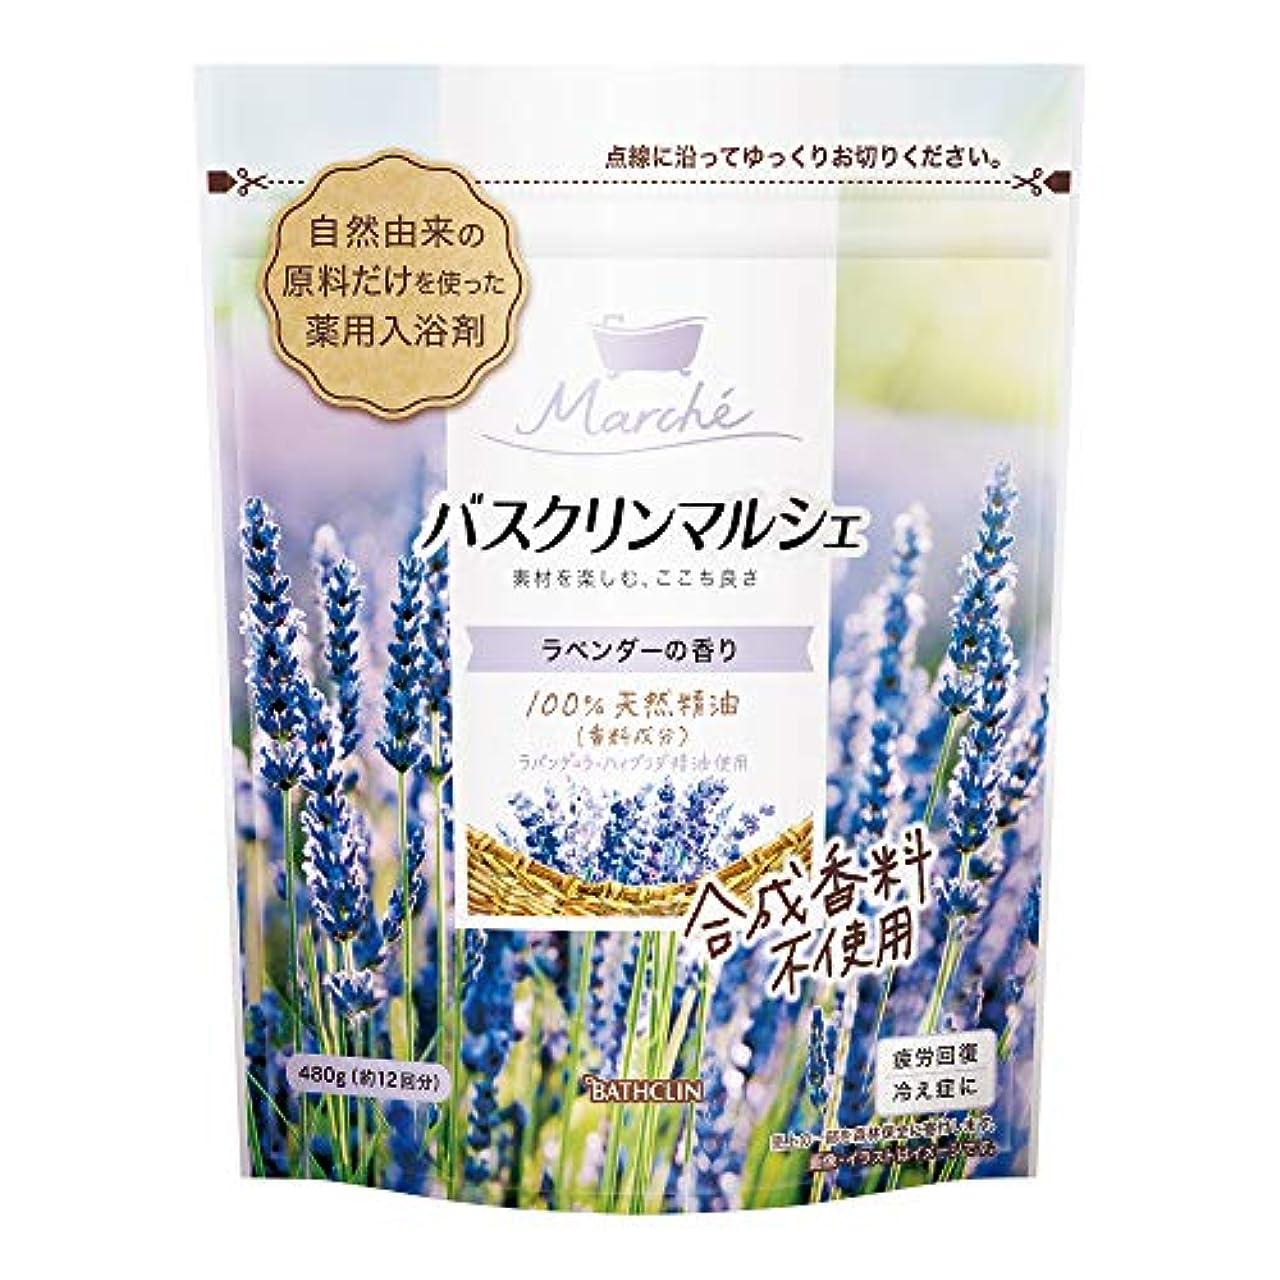 パンサーコック七時半バスクリンマルシェラベンダーの香り 入浴剤 そよ風に揺れる花を想わせるラベンダーの香りの入浴剤 480g